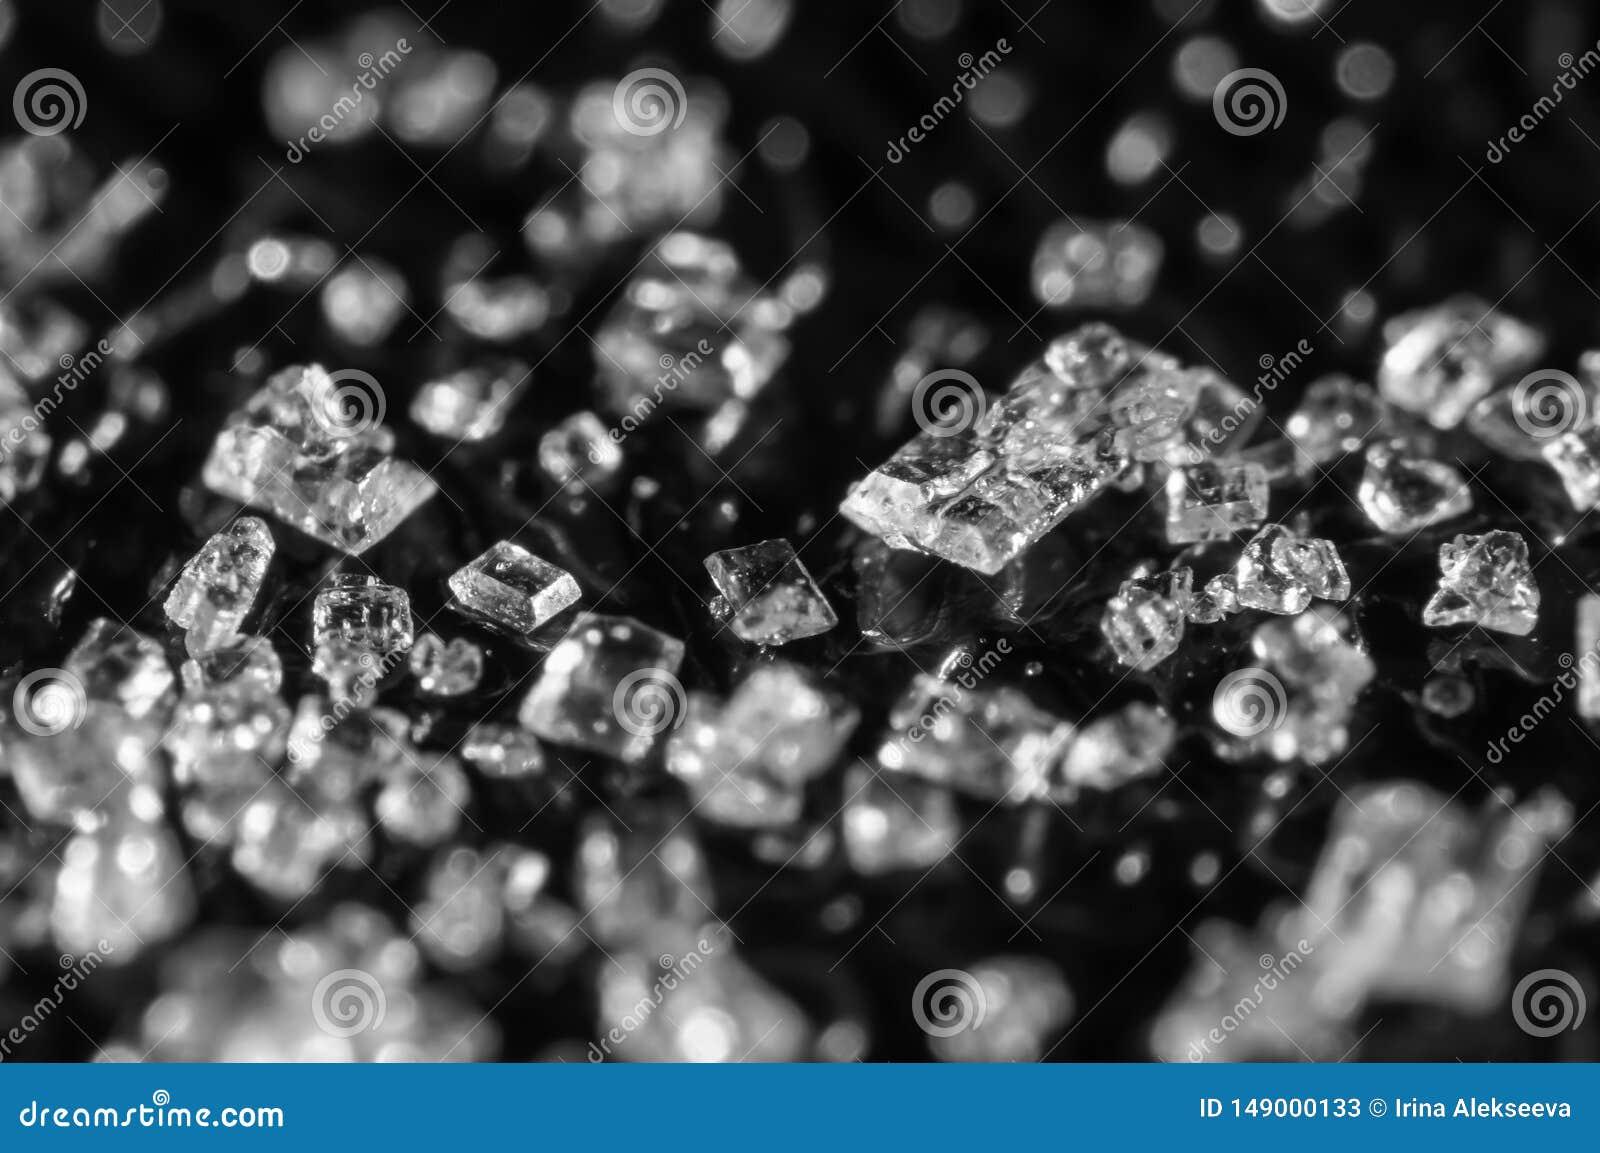 Cristalli dello zucchero su un fondo nero Macro eccellente Fuoco molle, profondit? di campo bassa Immagine in bianco e nero